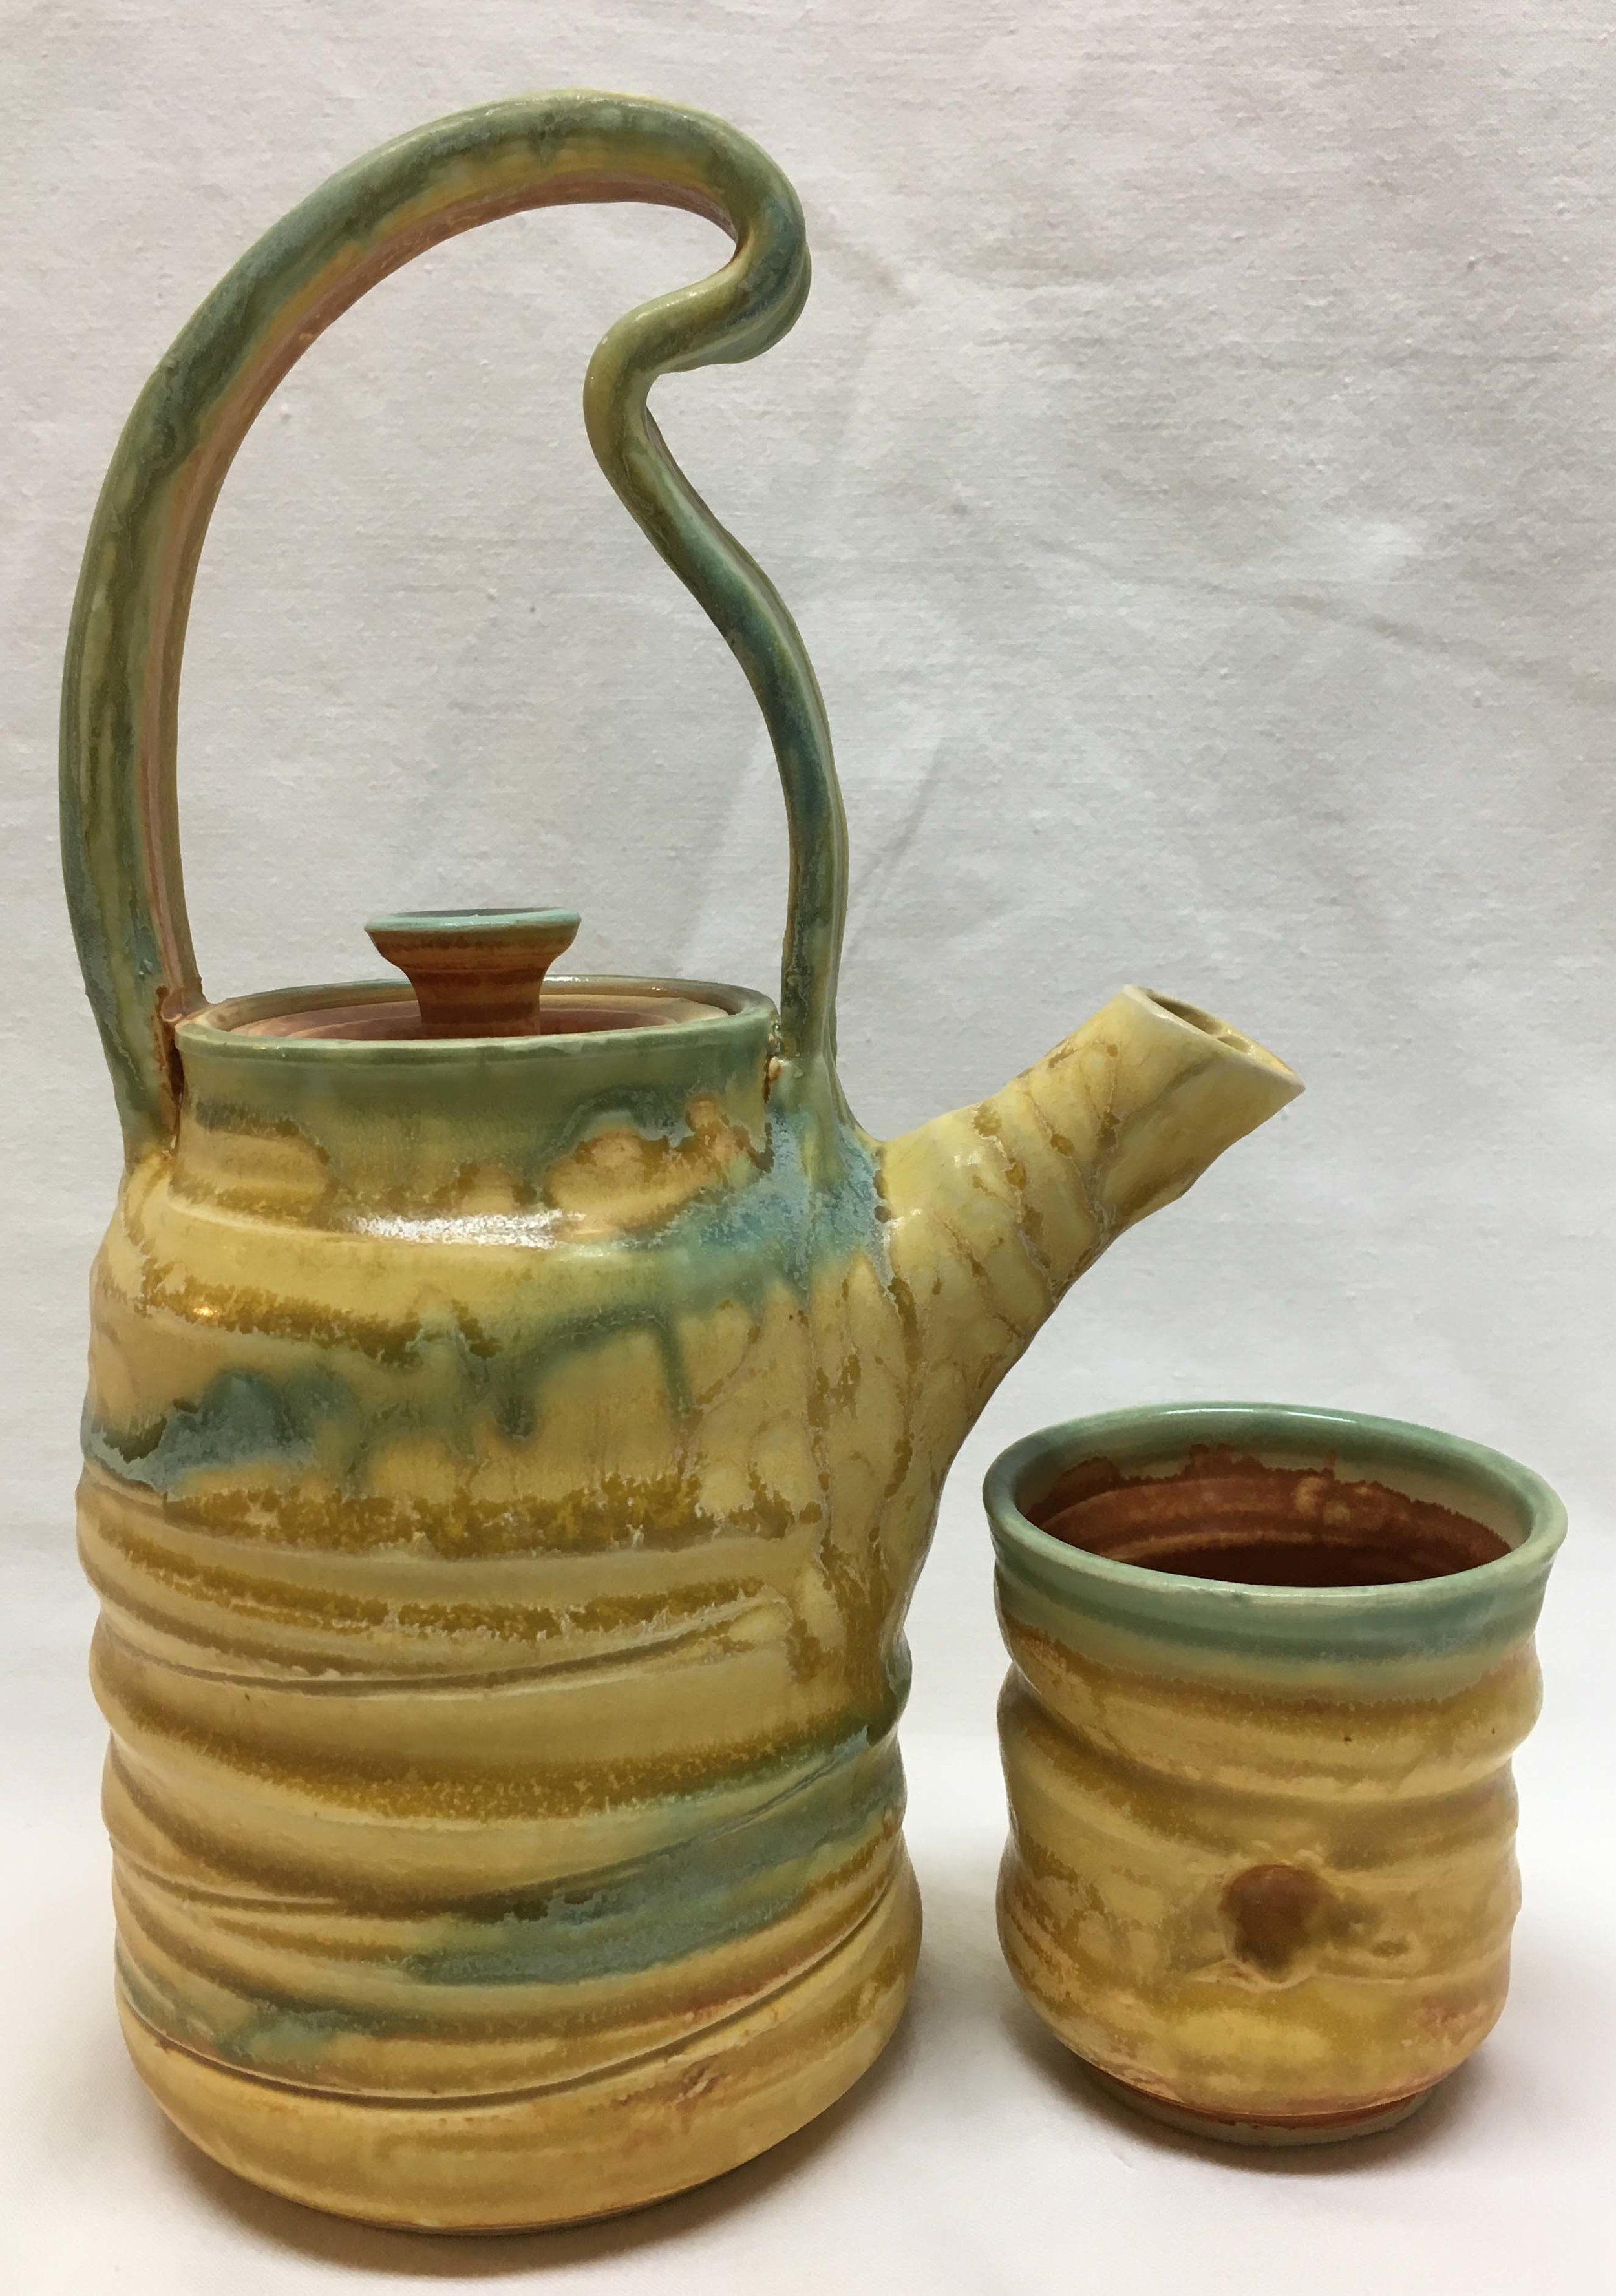 Quirky Teapot and Cup - Deborah Wheeler